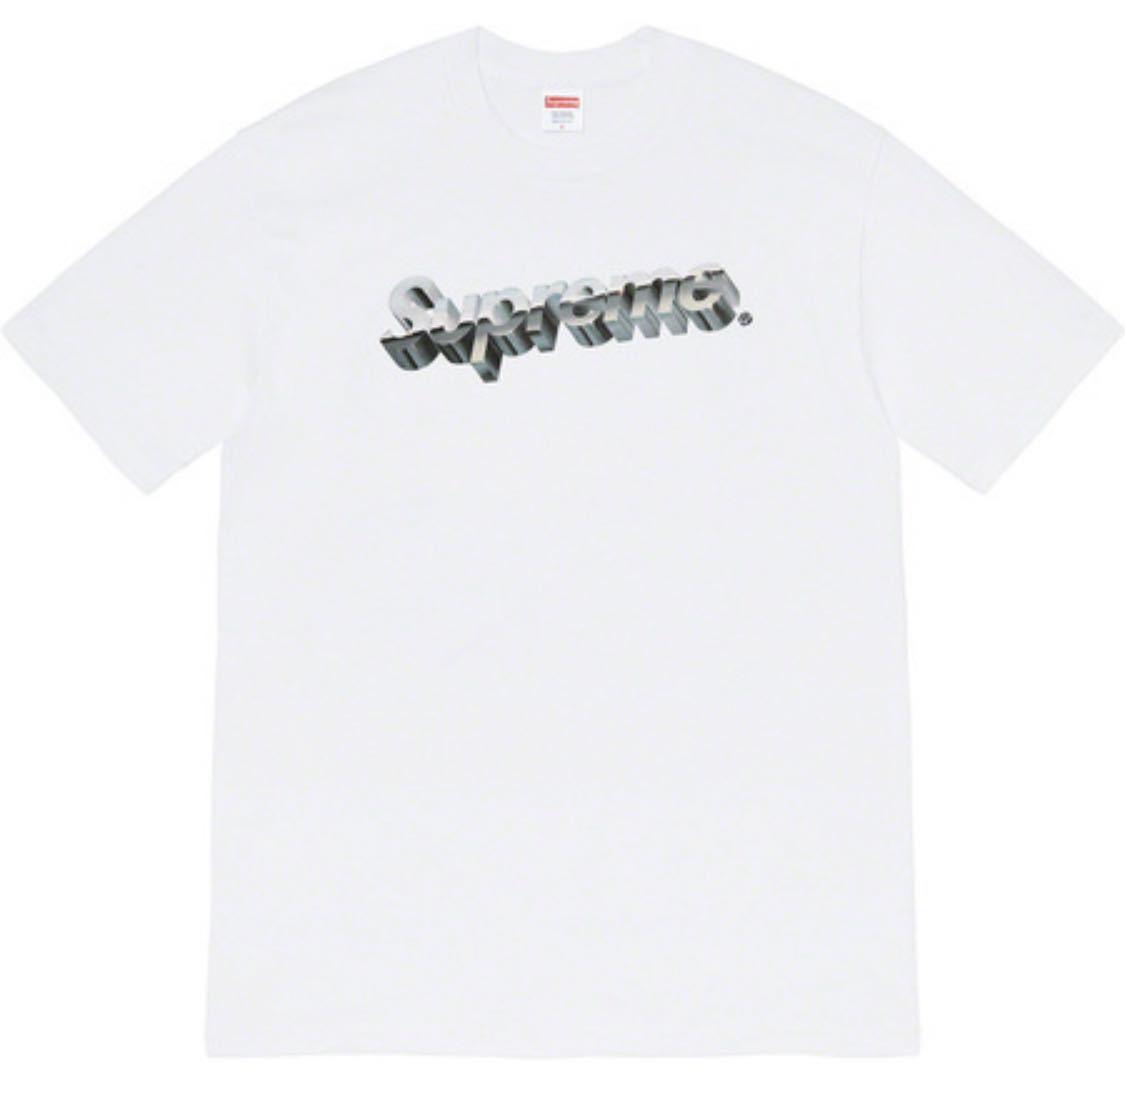 ☆超激レア☆美品☆Supreme Chrome Logo Tee Sサイズ クロム ロゴ Tシャツ White ホワイト